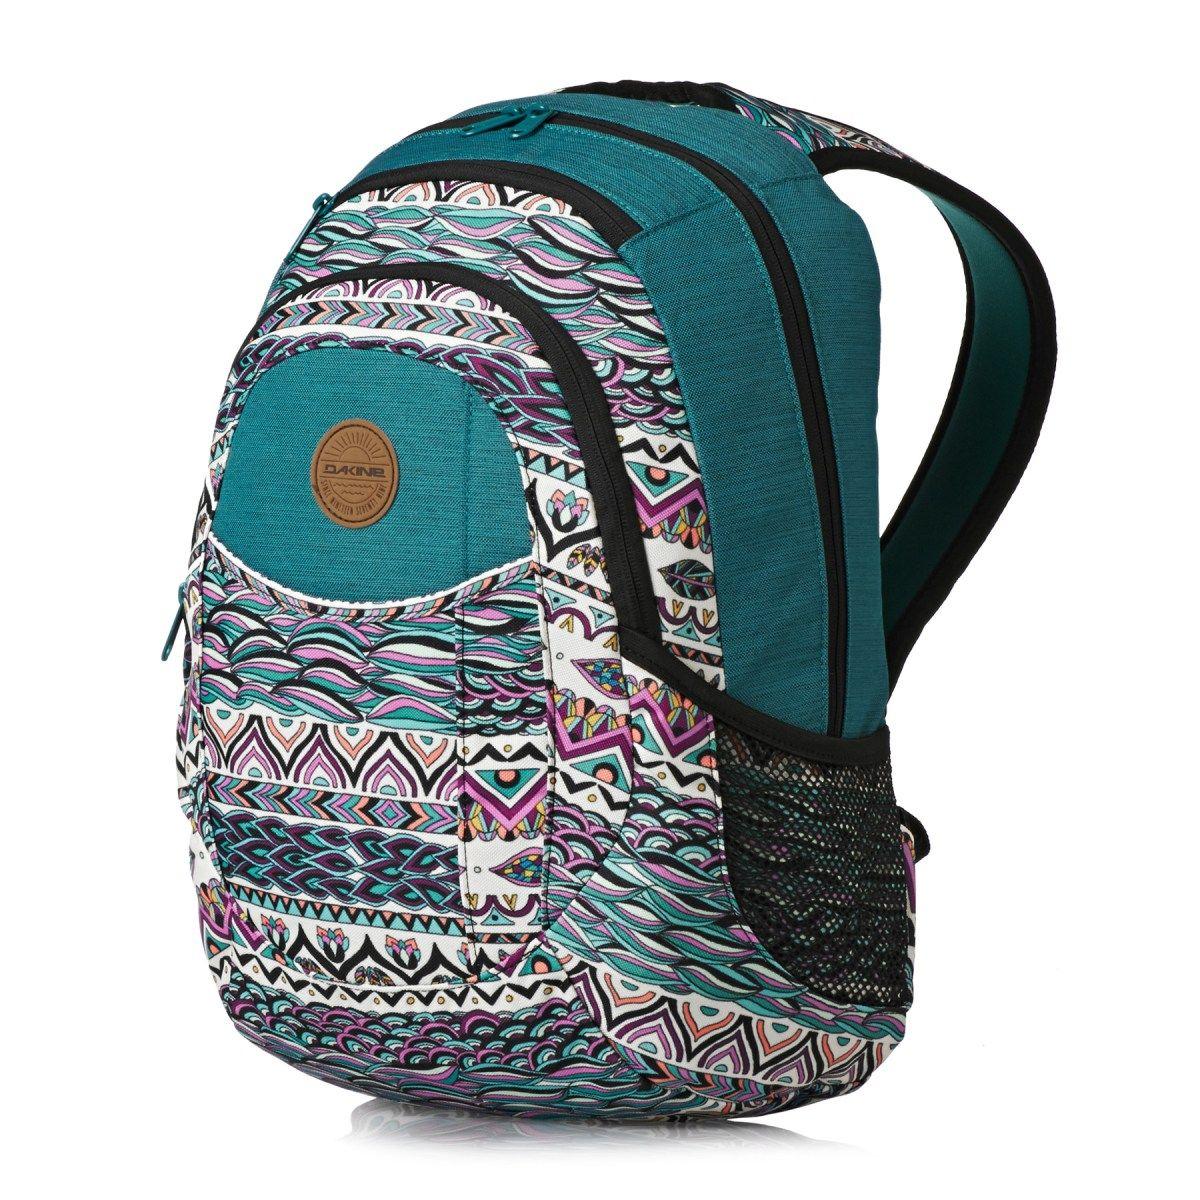 98f9f2764d08b Women s Dakine Backpacks - Dakine Garden 20l Laptop Backpack - Rhapsodyii